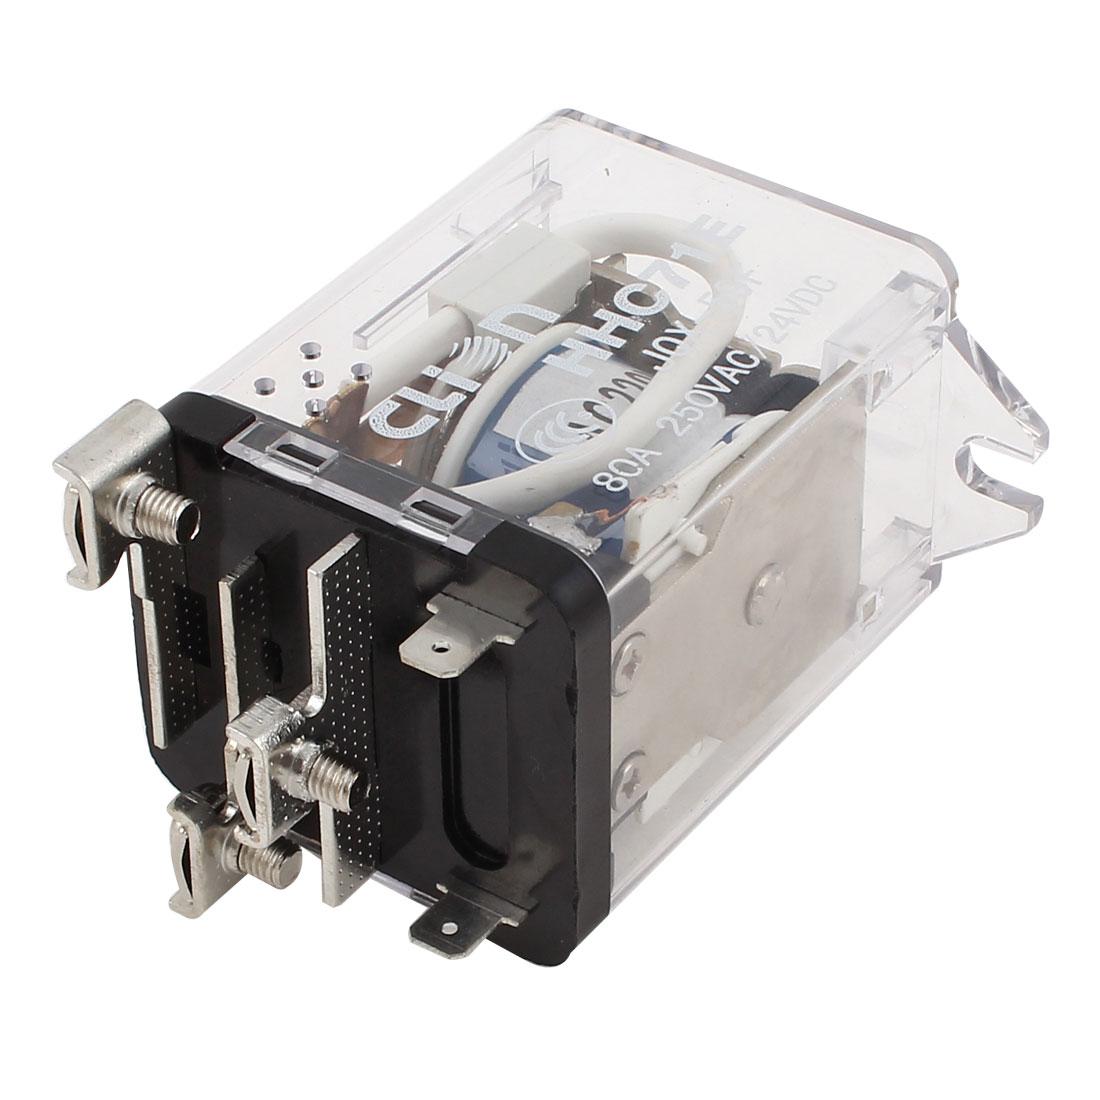 JQX-59F AC 220V Coil Power Relay 5 Terminals SPDT AC250V/DC24V 80A